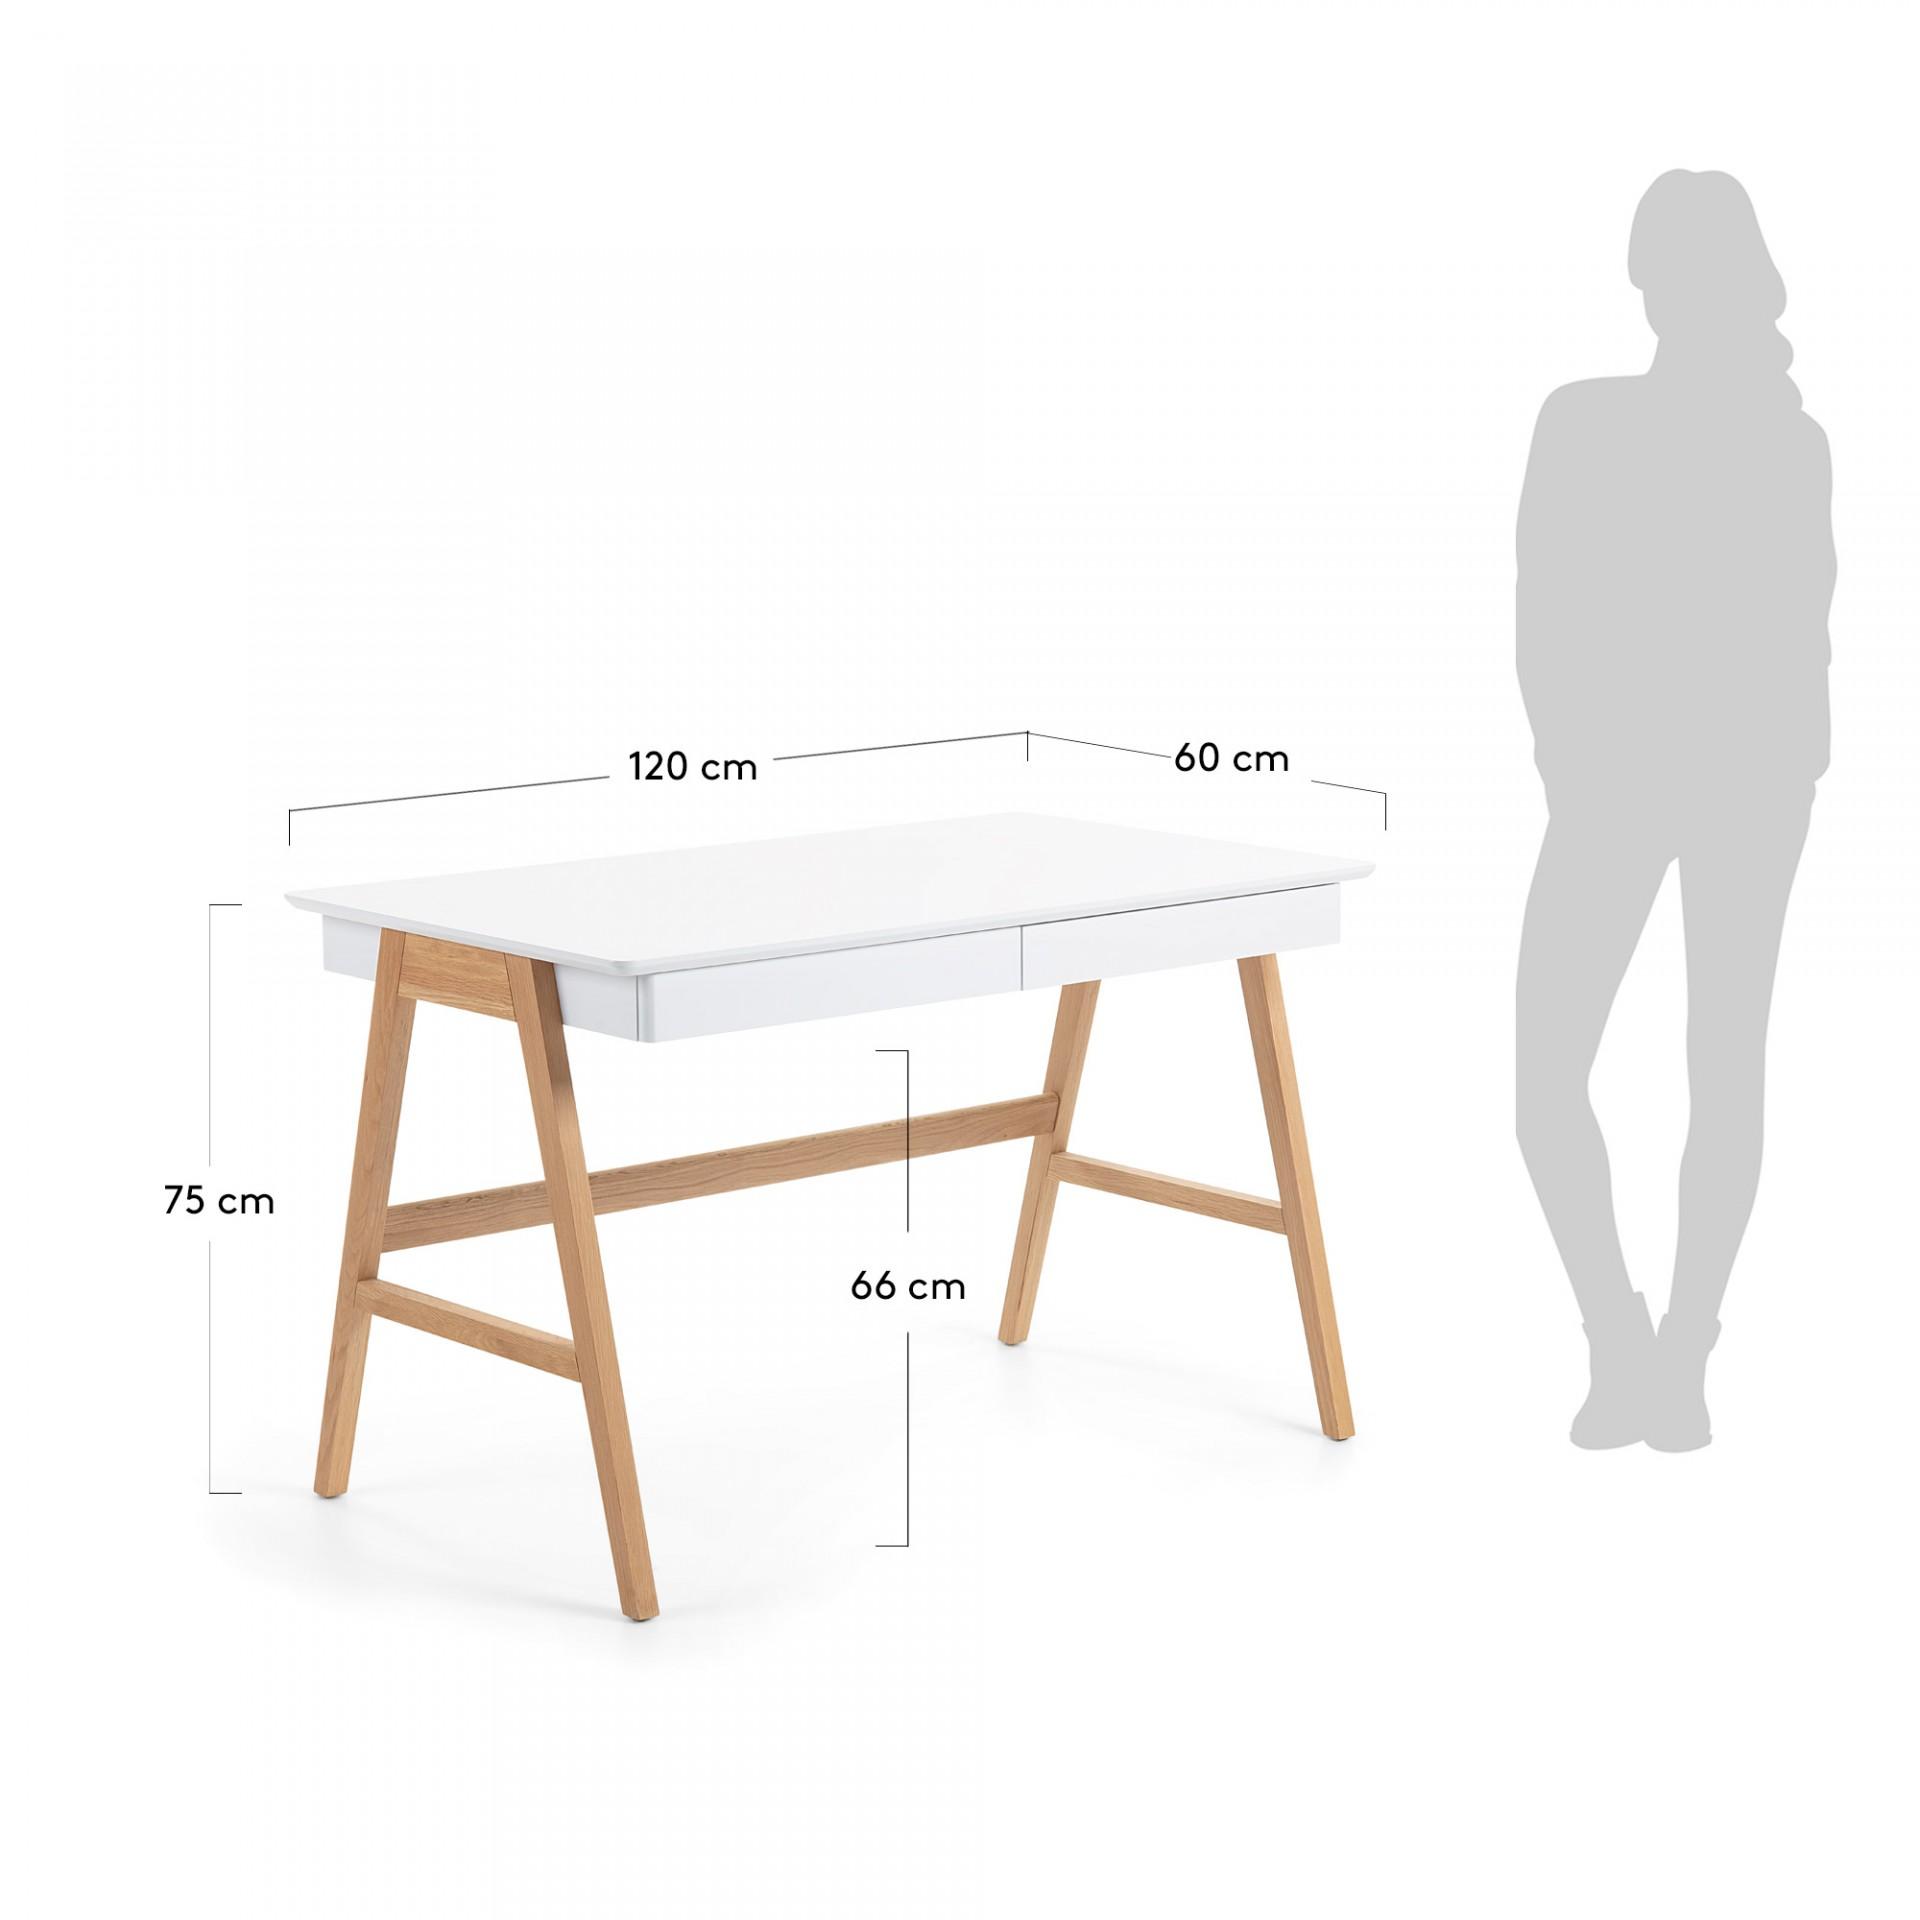 Secretária Dyna, madeira de carvalho/MDF lacado, 120x75